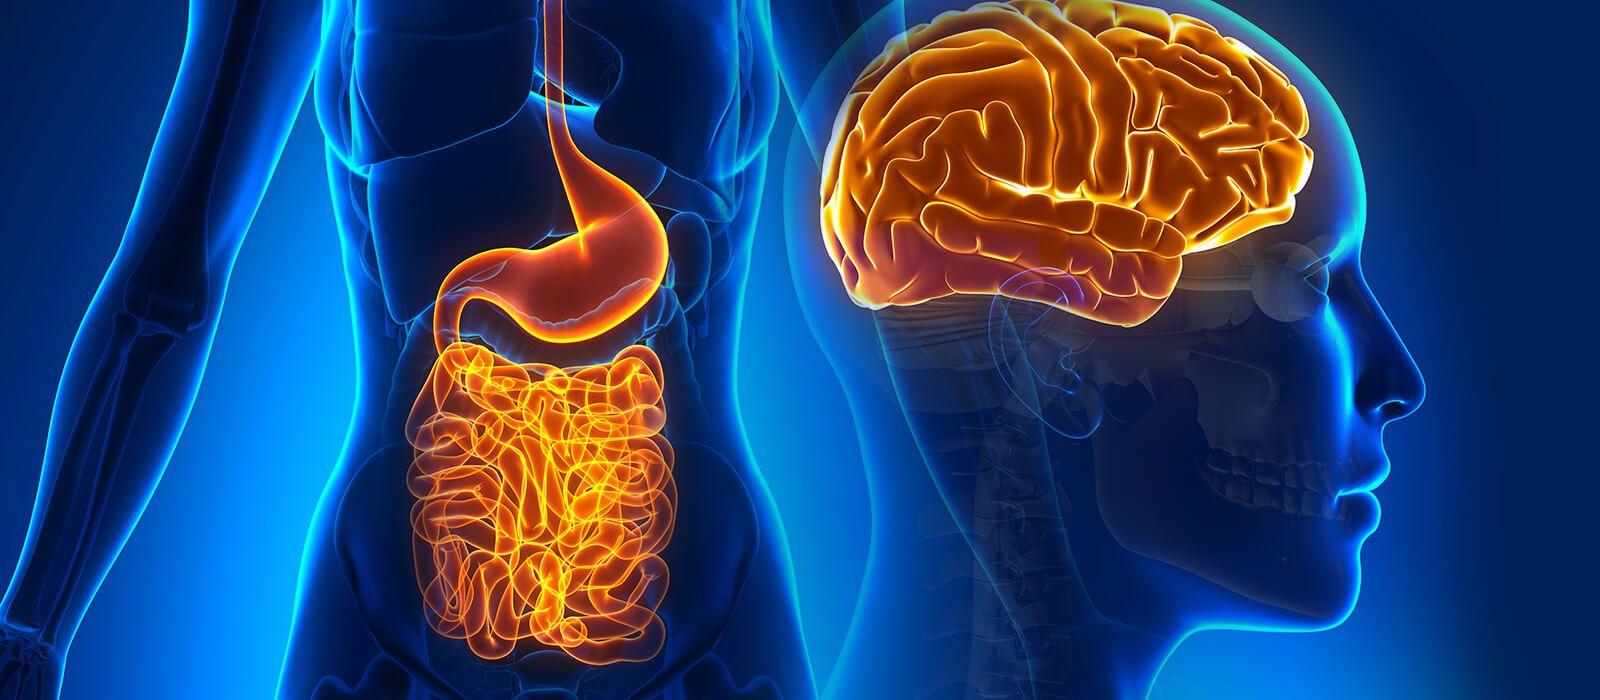 лечение неврологических расстройств через микробиом кишечника